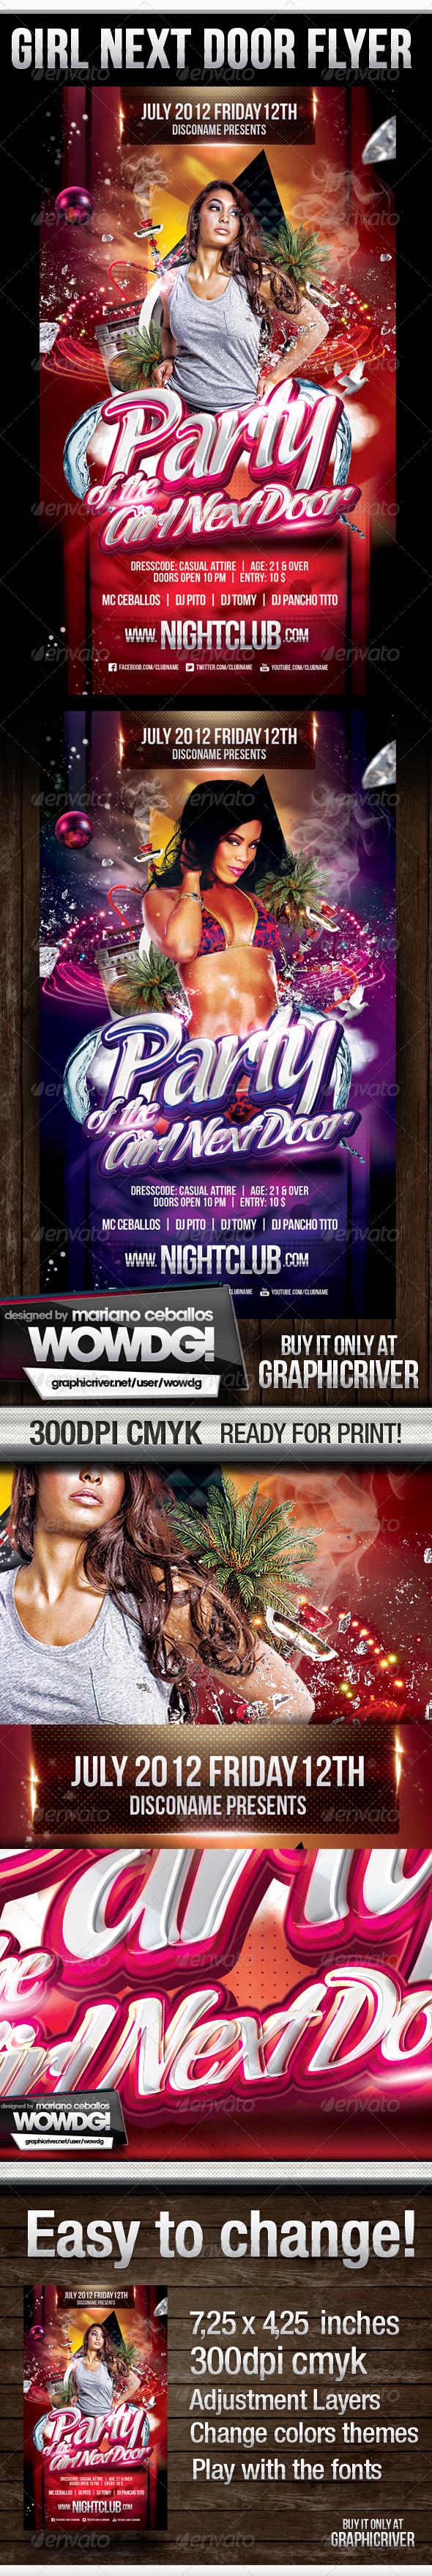 Girl Next Door Party Flyer - Flyers Print Templates